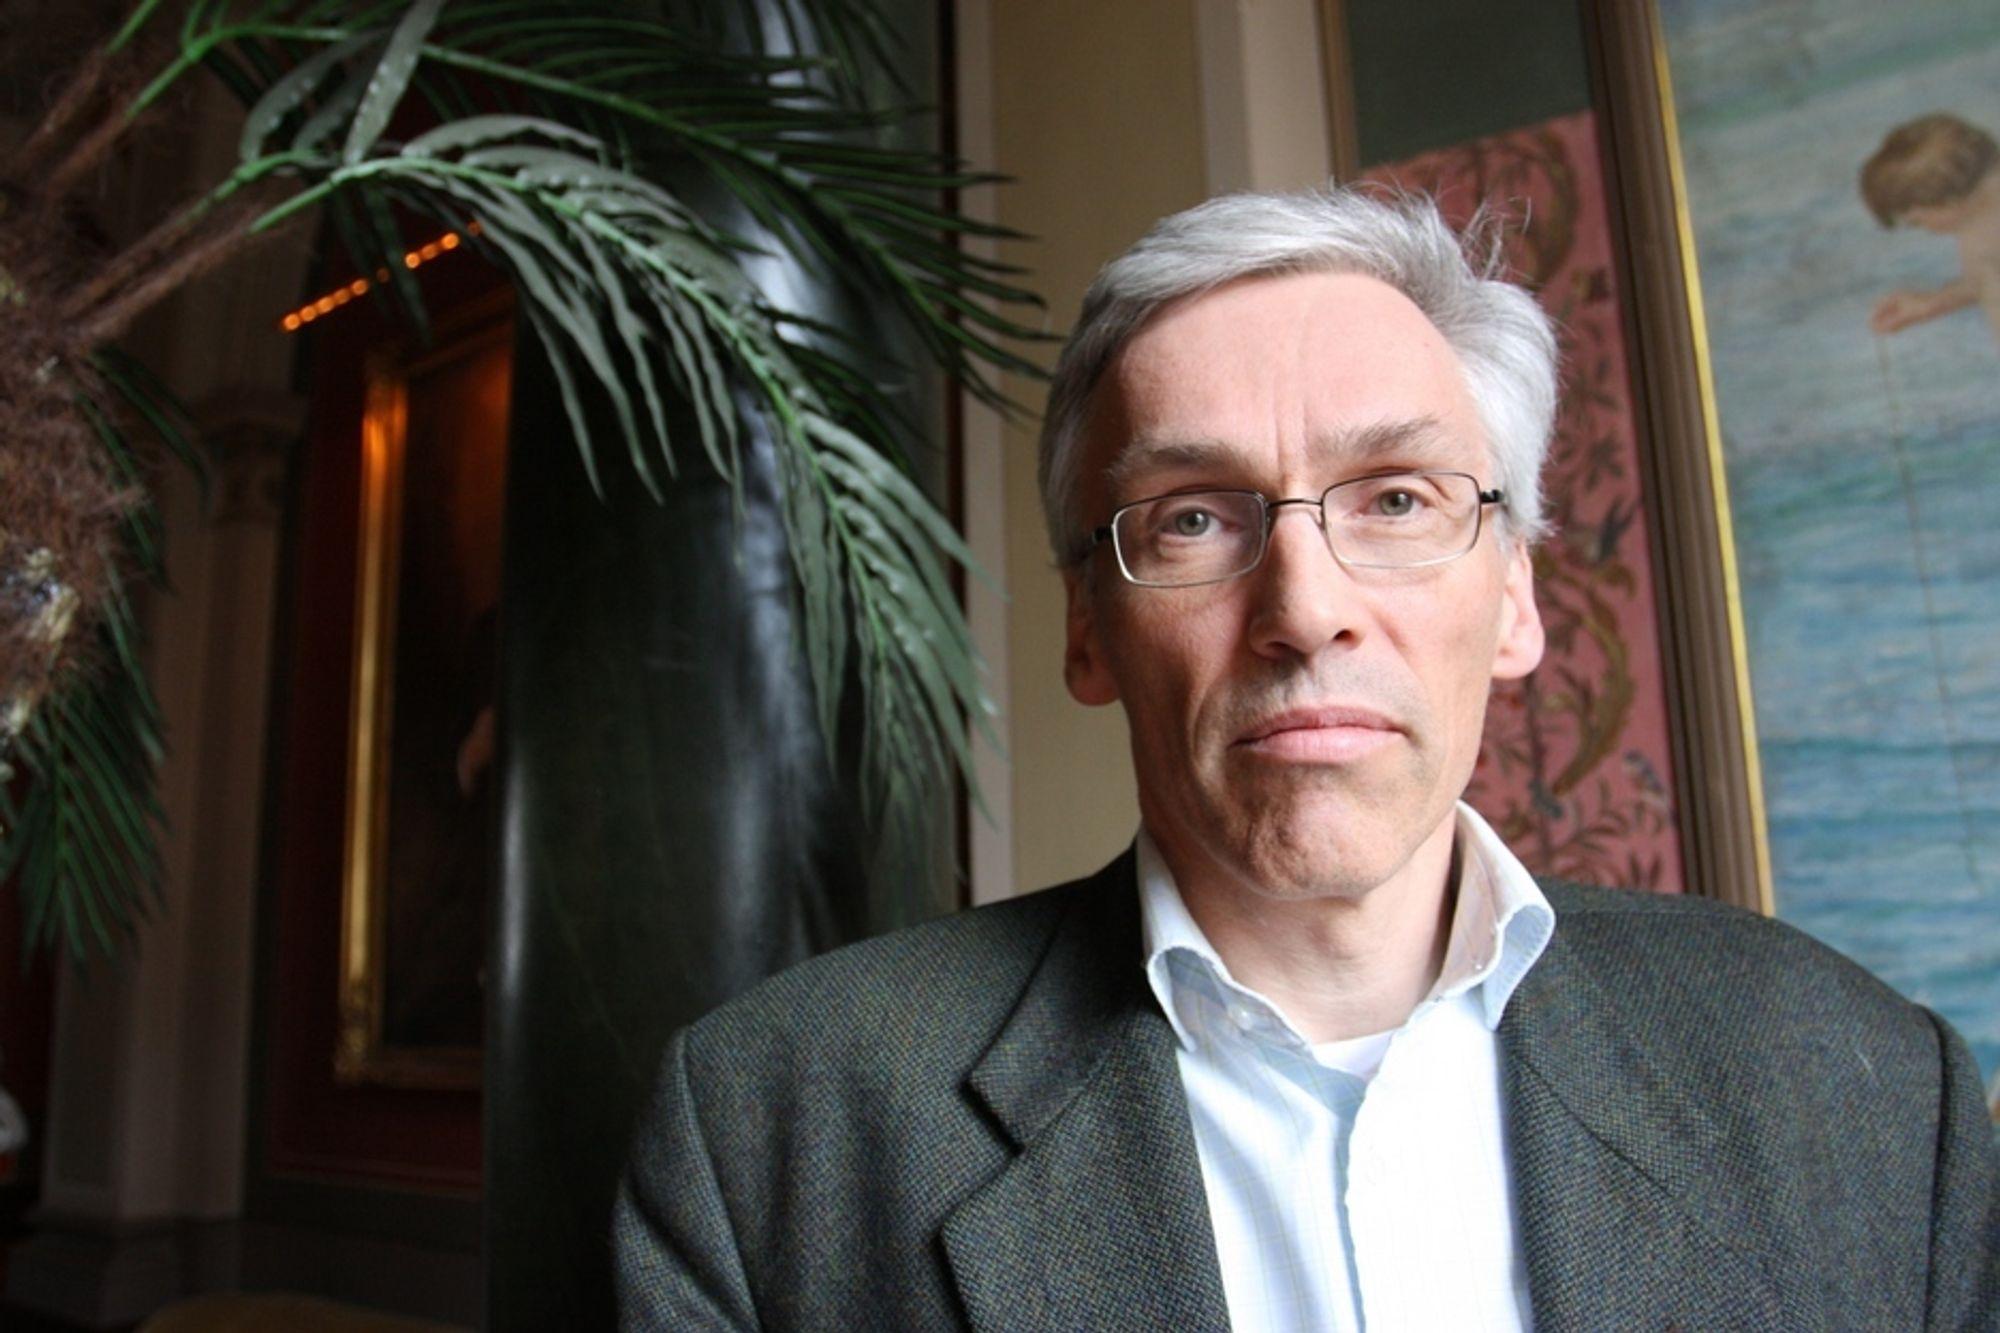 KRITISK: Professor Bjarne Foss mener at universitetene må stille krav til sine professorer